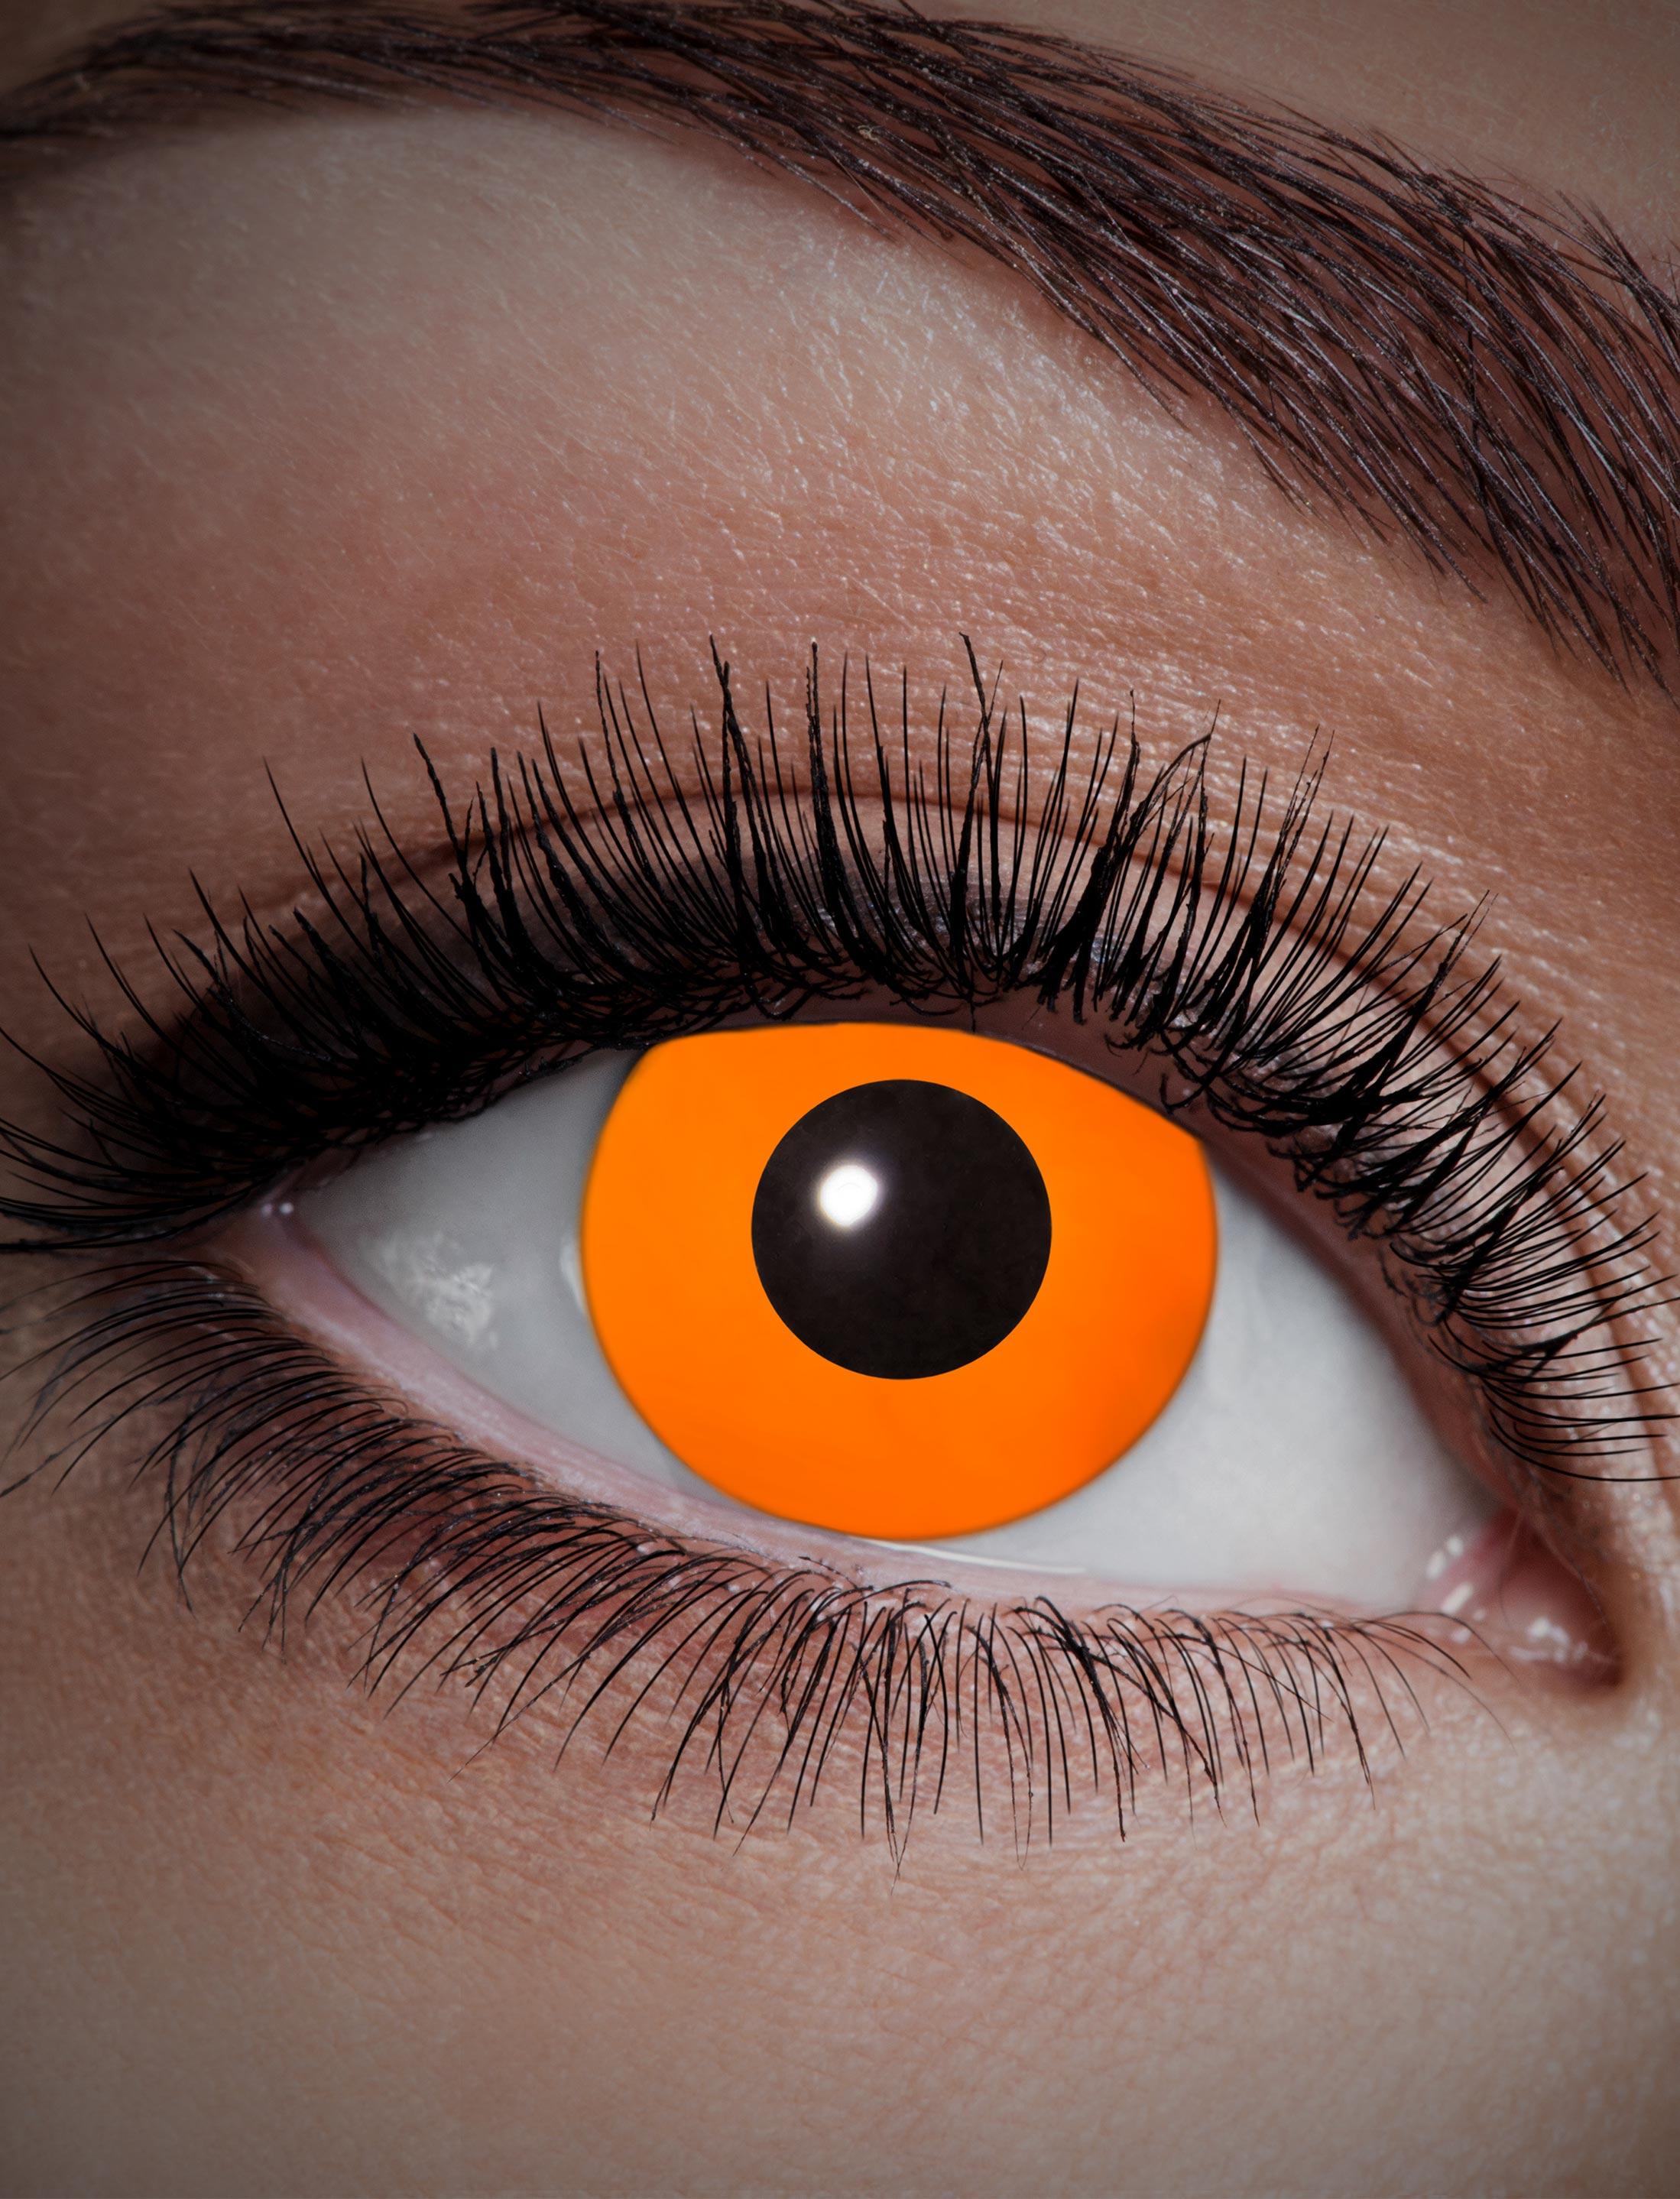 Kostuemzubehor Kontaktlinsen UV Flash Orange